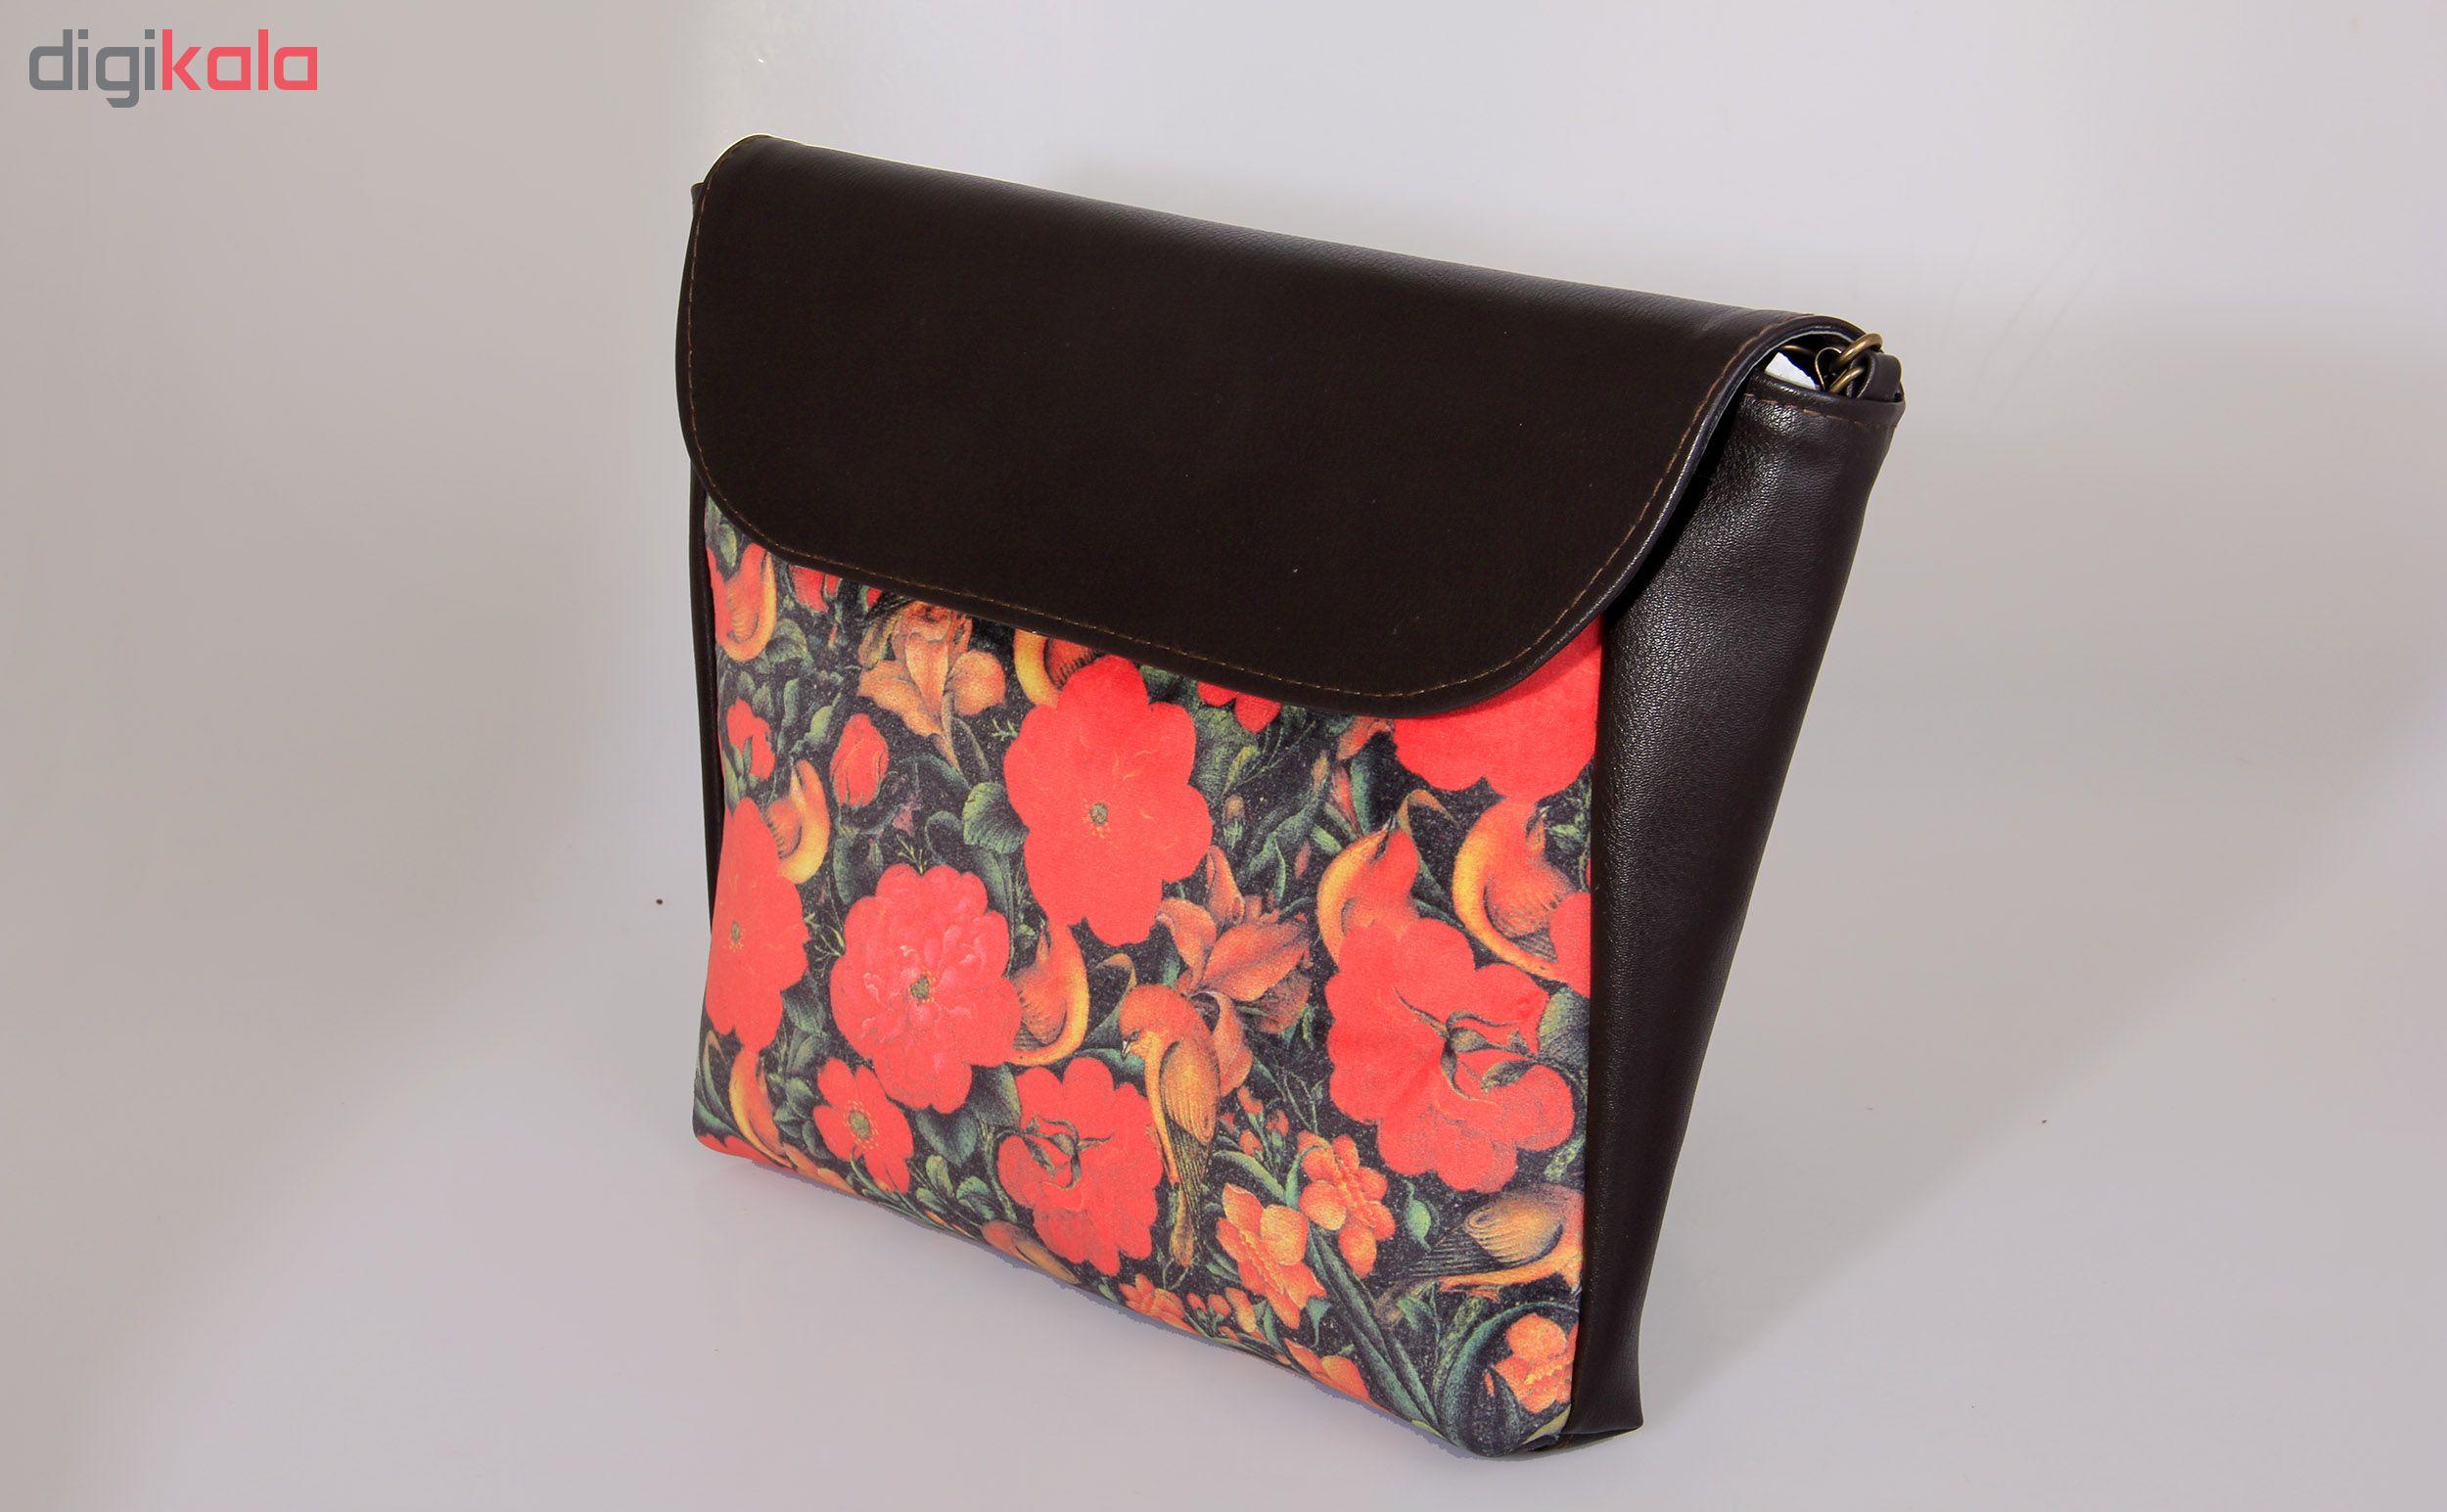 کیف رو دوشی چرمی مدل گل و مرغ کد CS1